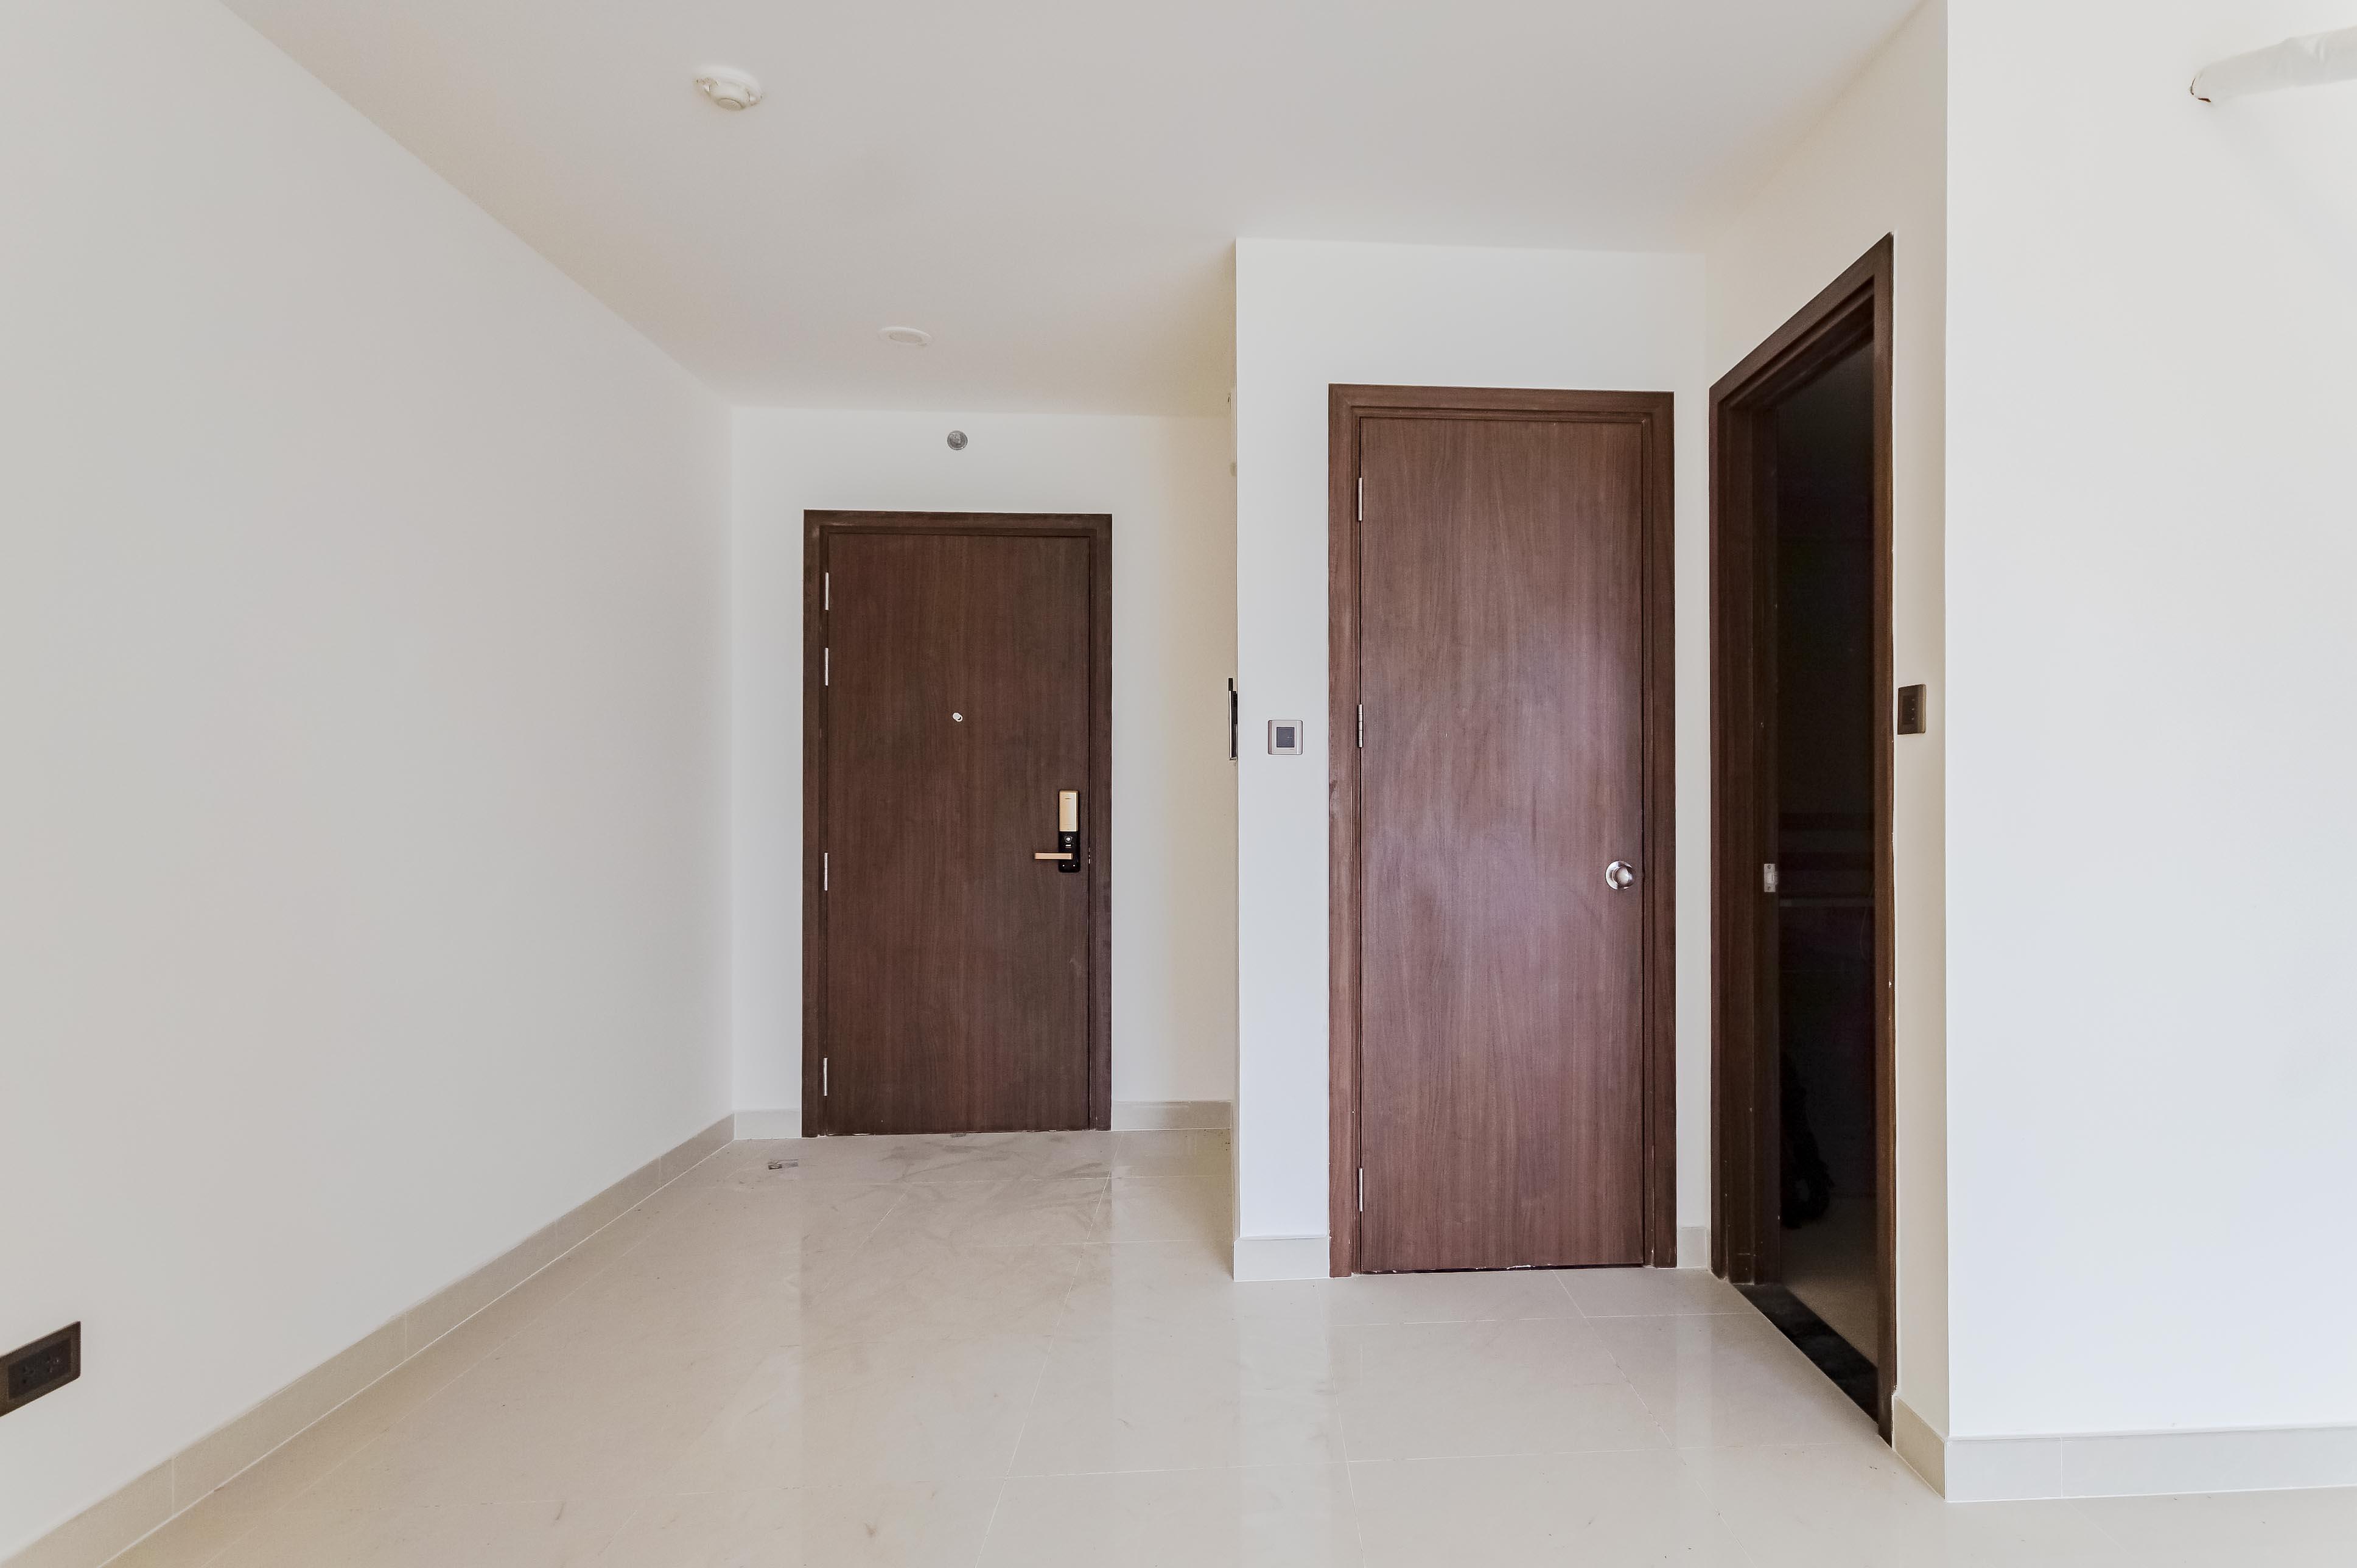 Căn hộ Office-tel 1 PN Saigon Royal Residence - Không Nội Thất & Tươi Sáng-5